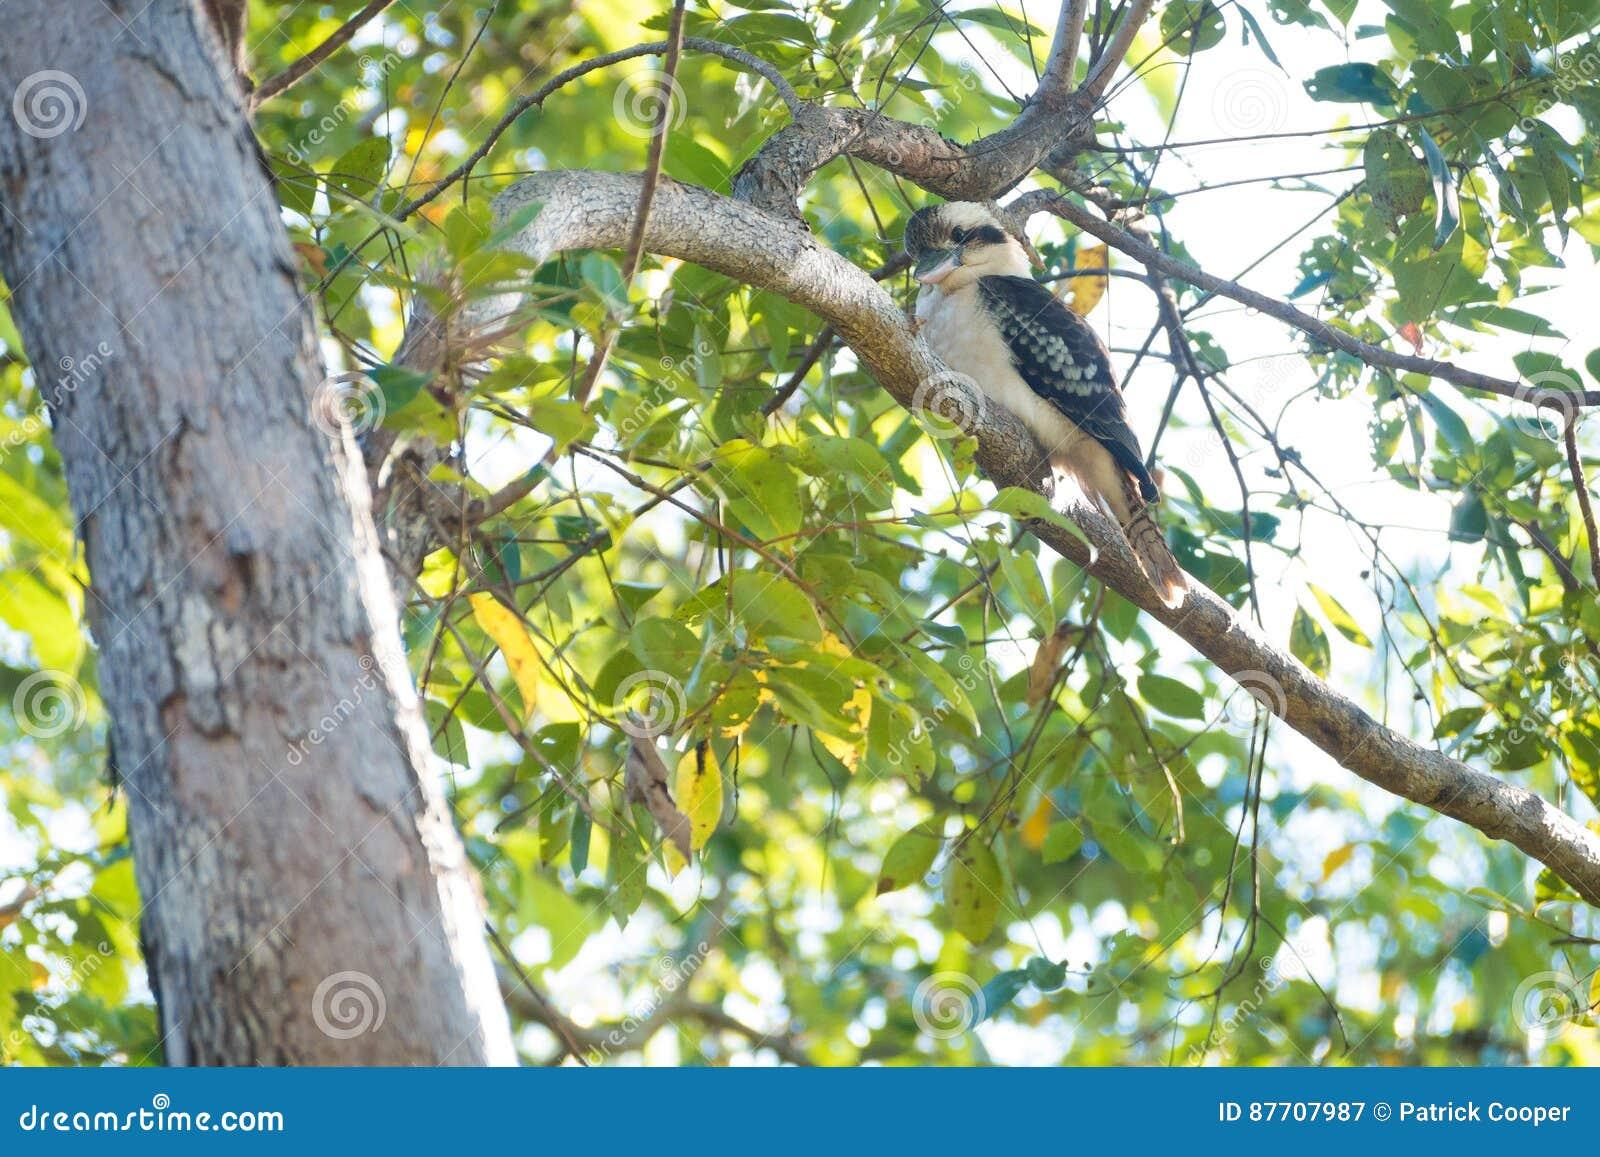 Kookaburra était perché dans l arbre